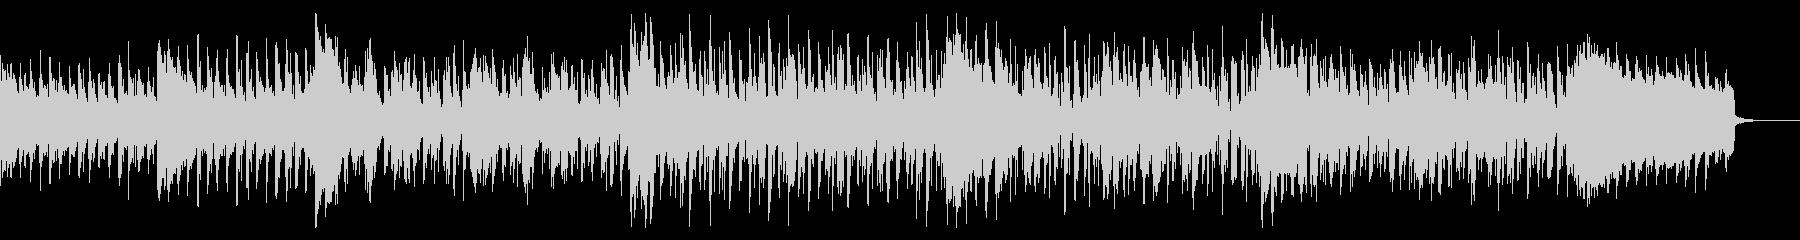 サスペンシブでダークなBGMの未再生の波形